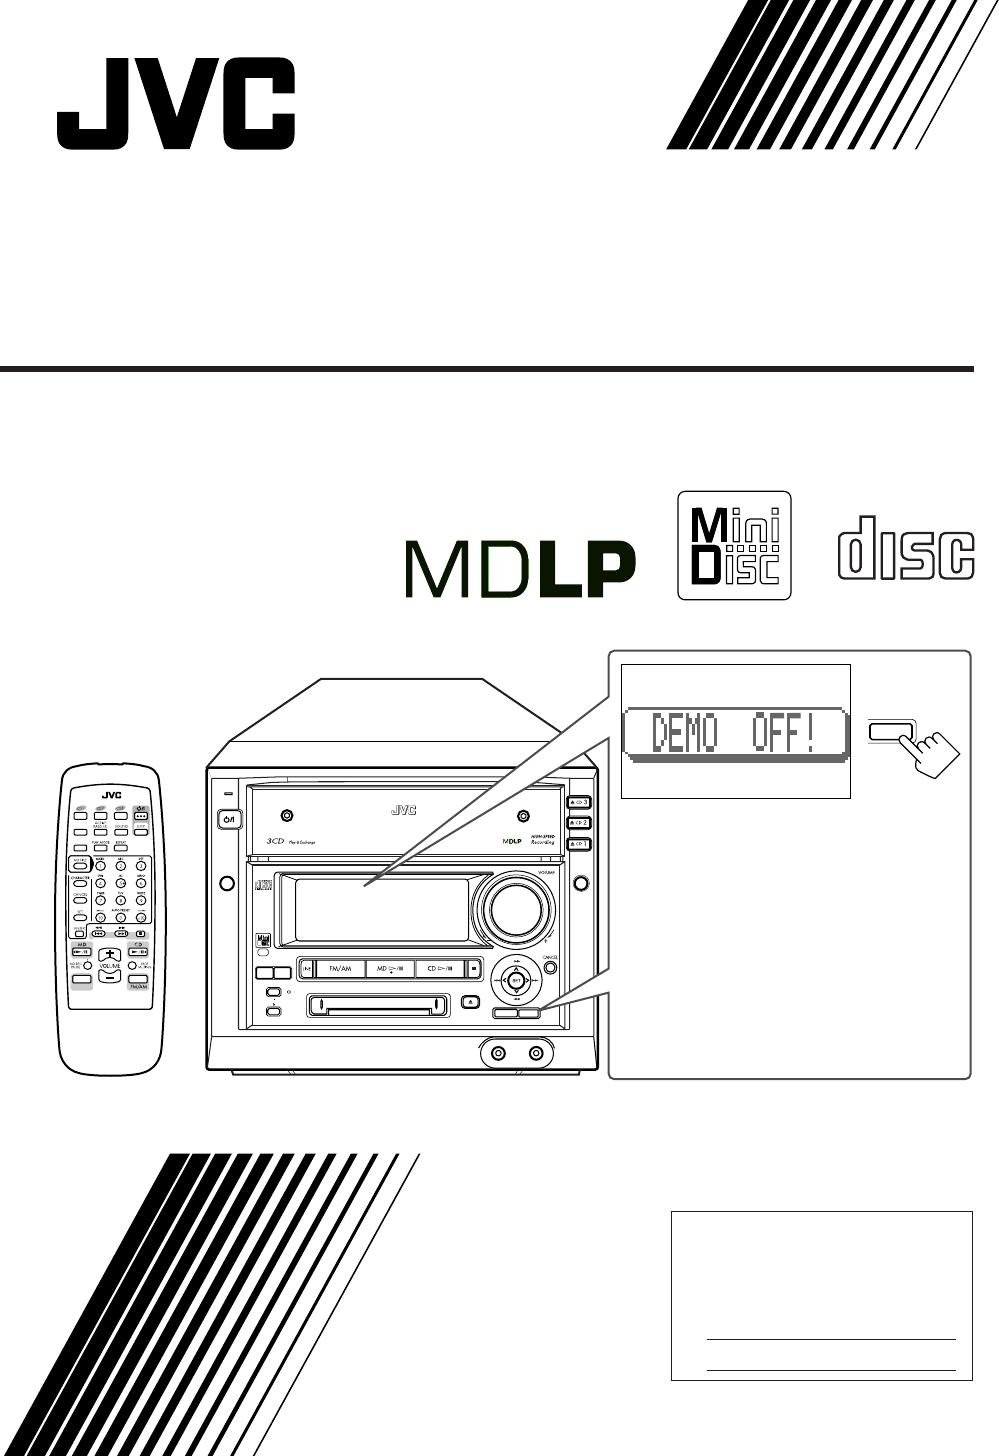 Jvc Mx J10 Manual